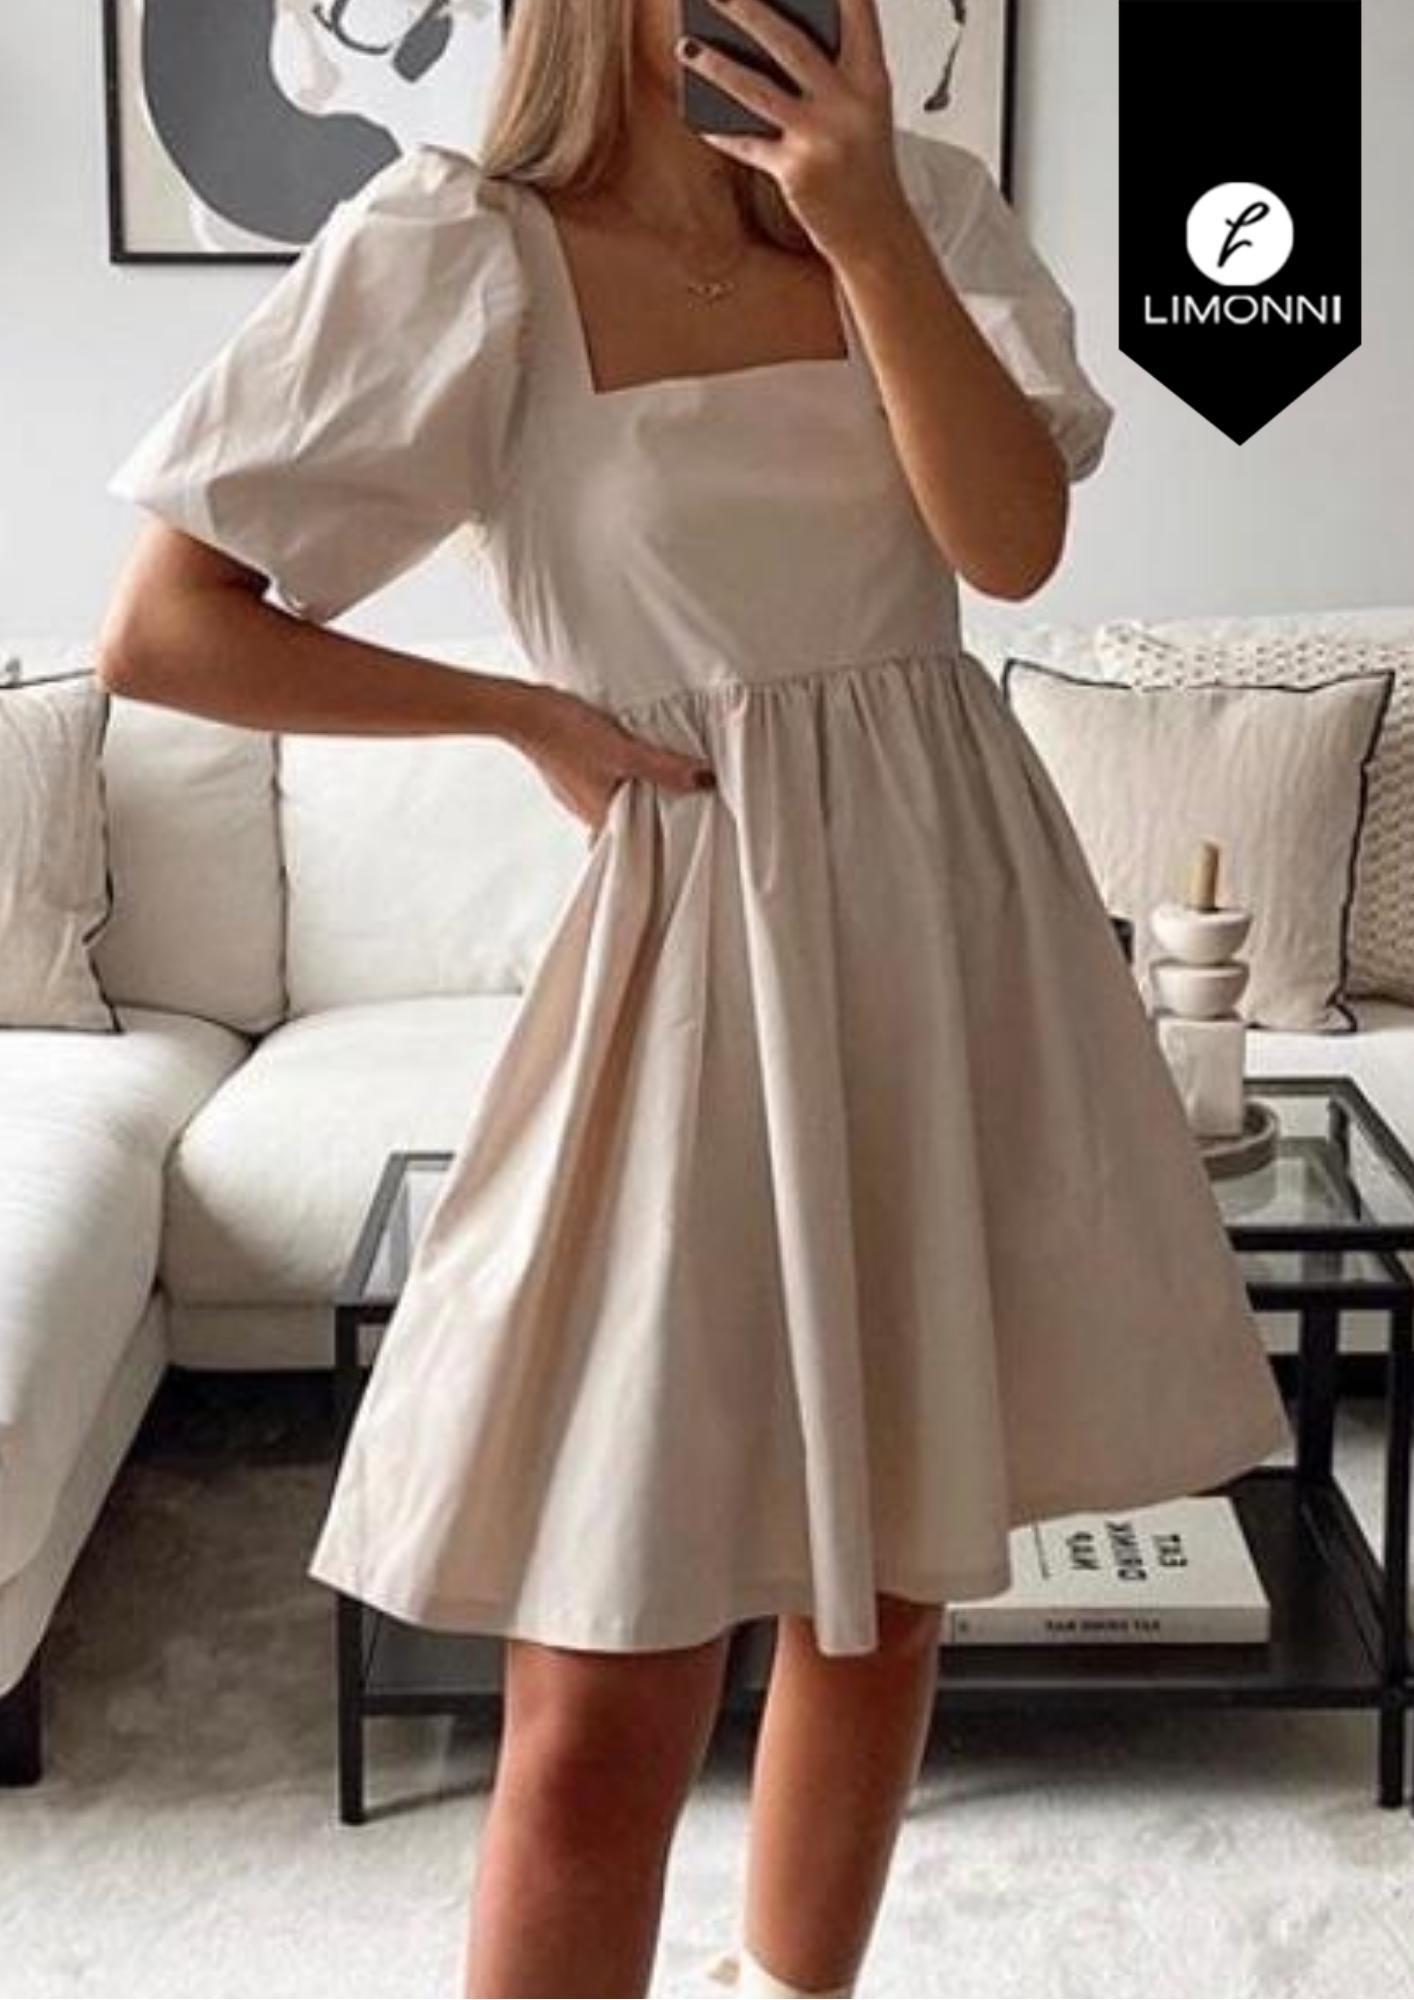 Vestidos para mujer Limonni Visionary LI3213 Cortos Casuales